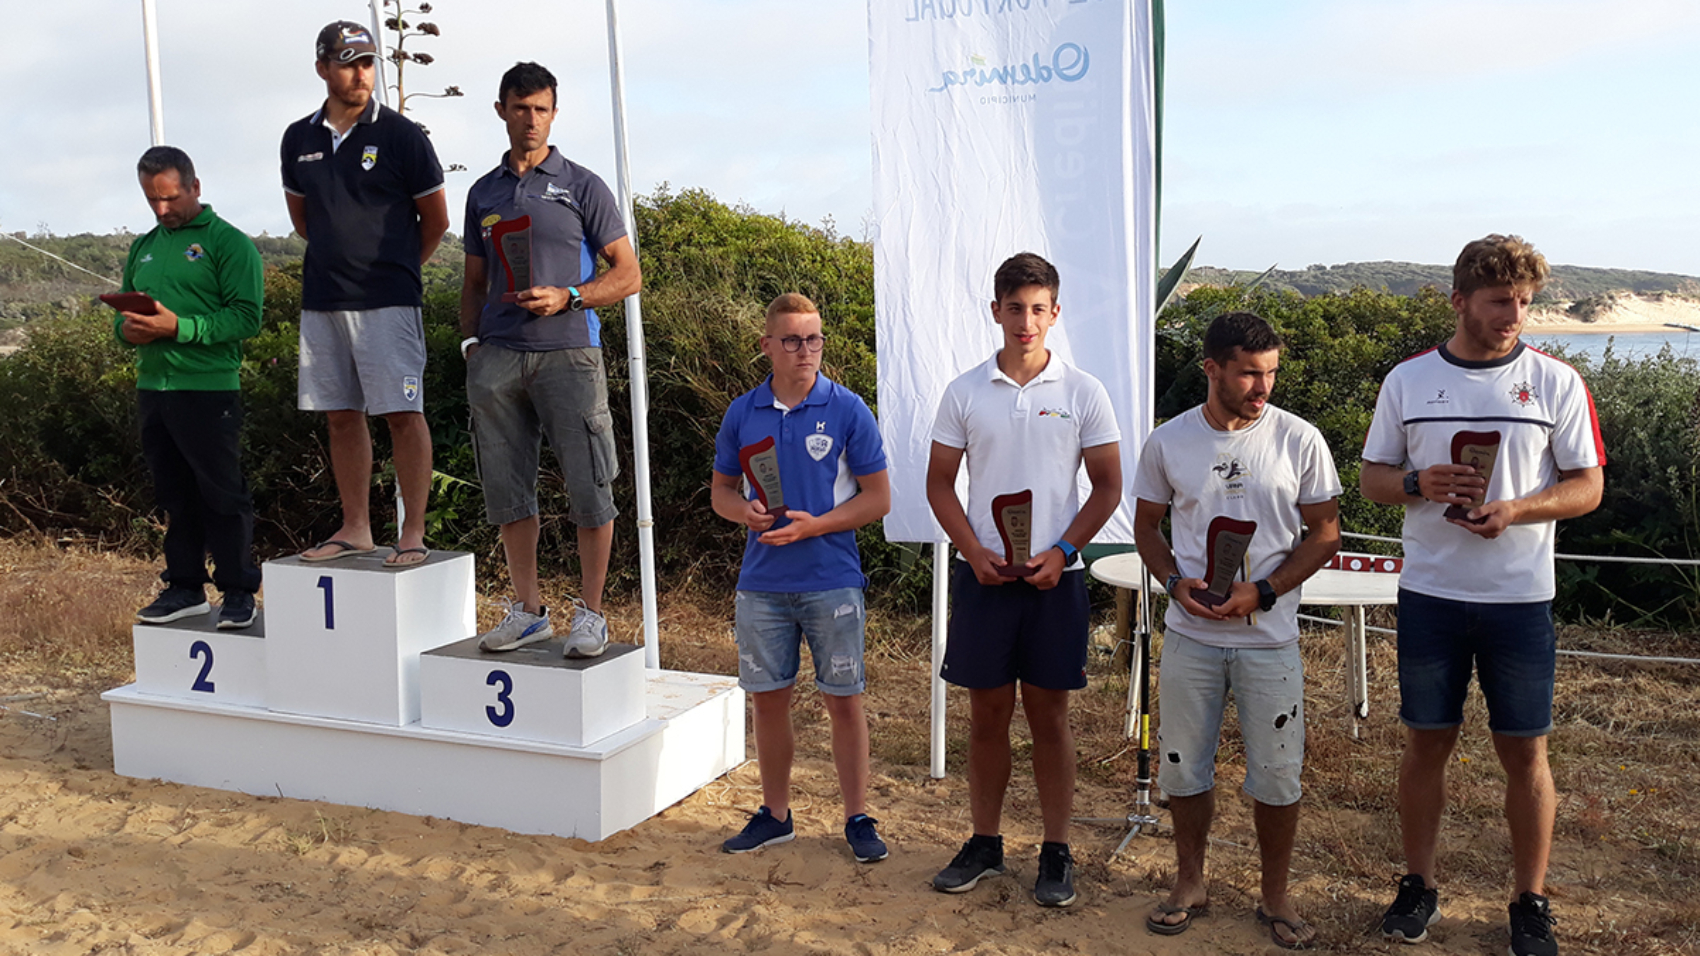 Douro Canoa em 5º Lugar na Taça Nacional de Maratonas blog Canoagem Destaque DCC Douro Canoa Clube